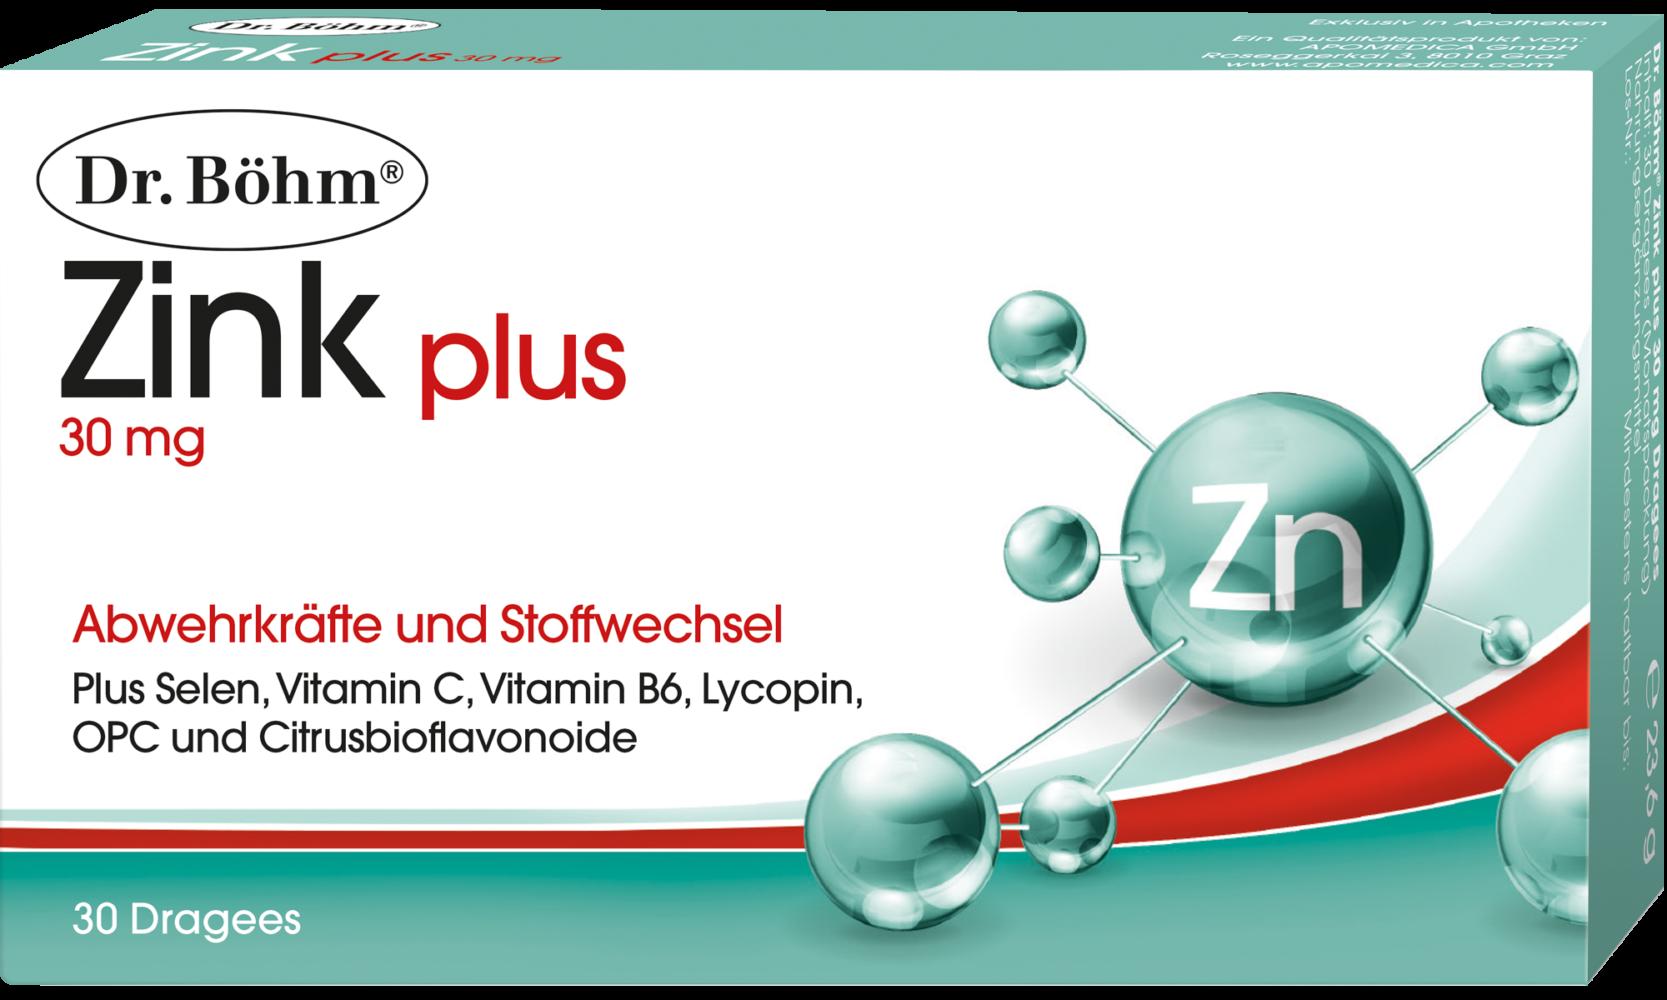 Dr. Böhm® Zink plus Dragees